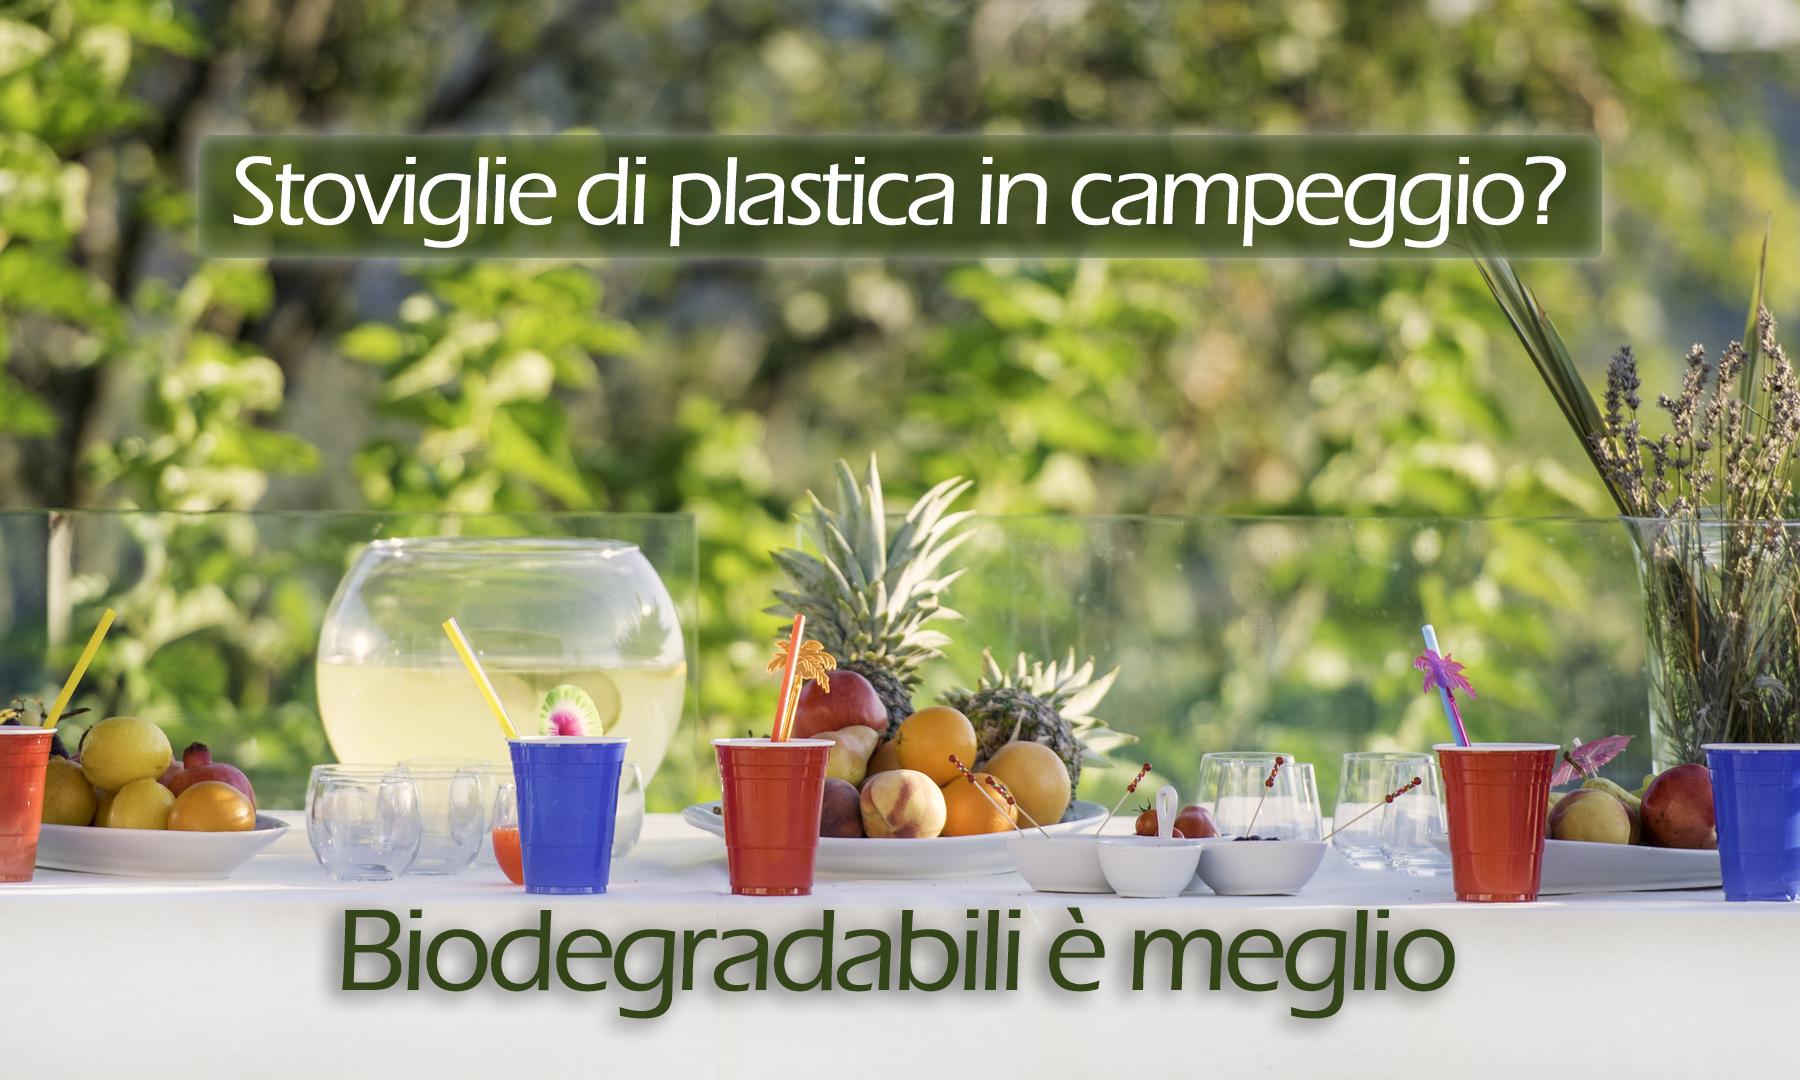 Stoviglie di plastica in campeggio? Biodegradabili è meglio